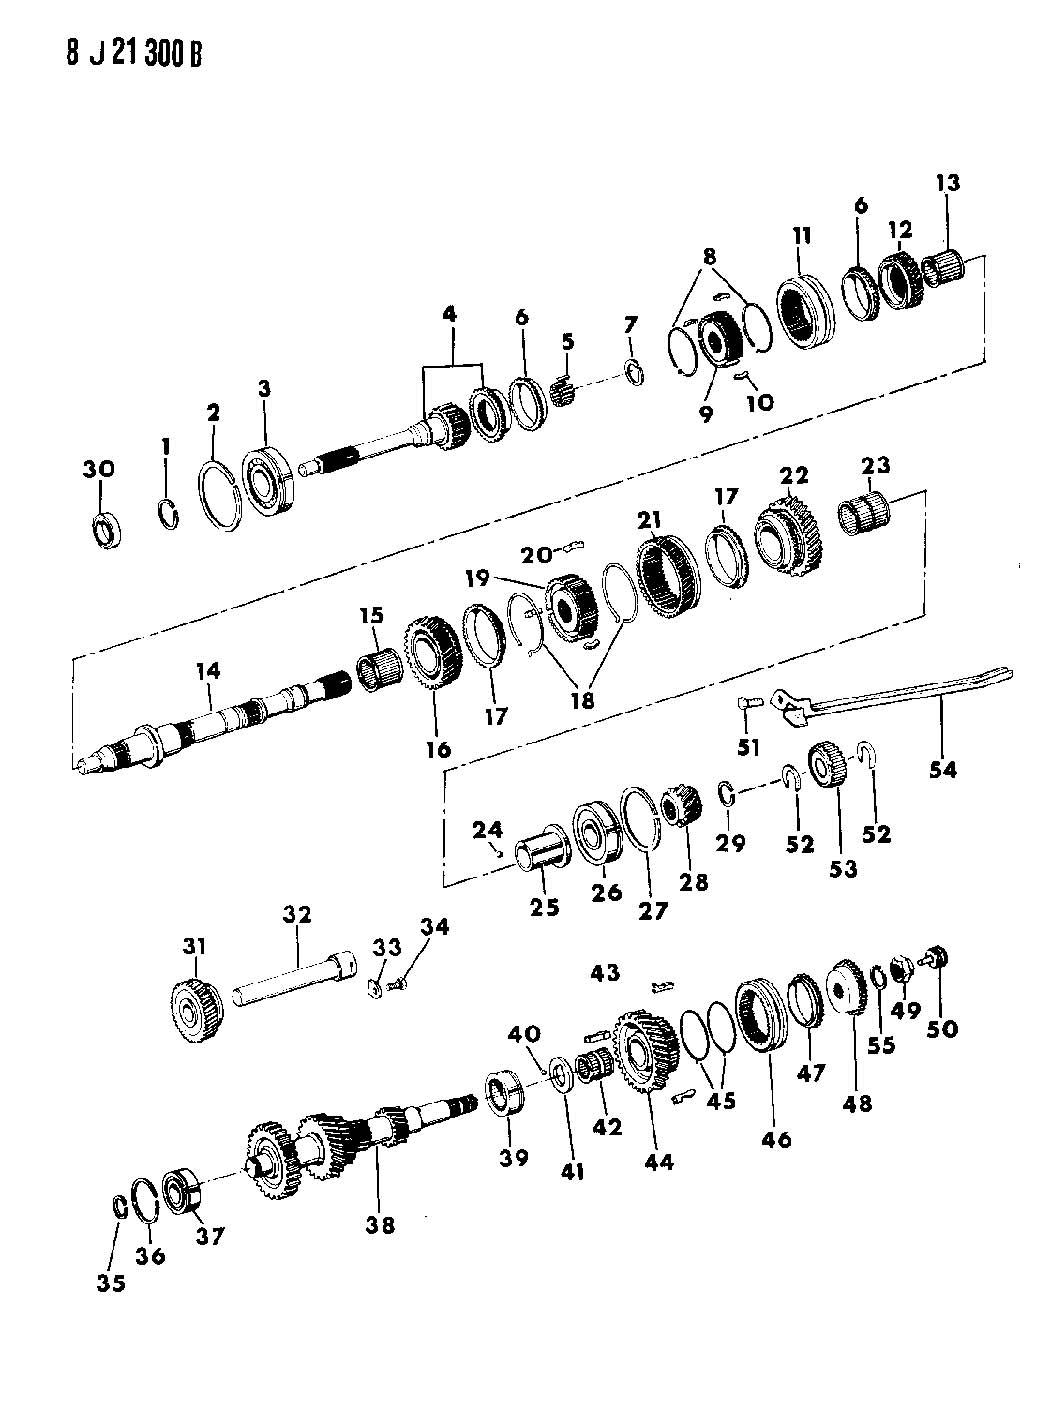 Jeep Wrangler Gear. Reverse. Gear, reverse, gear, reverse